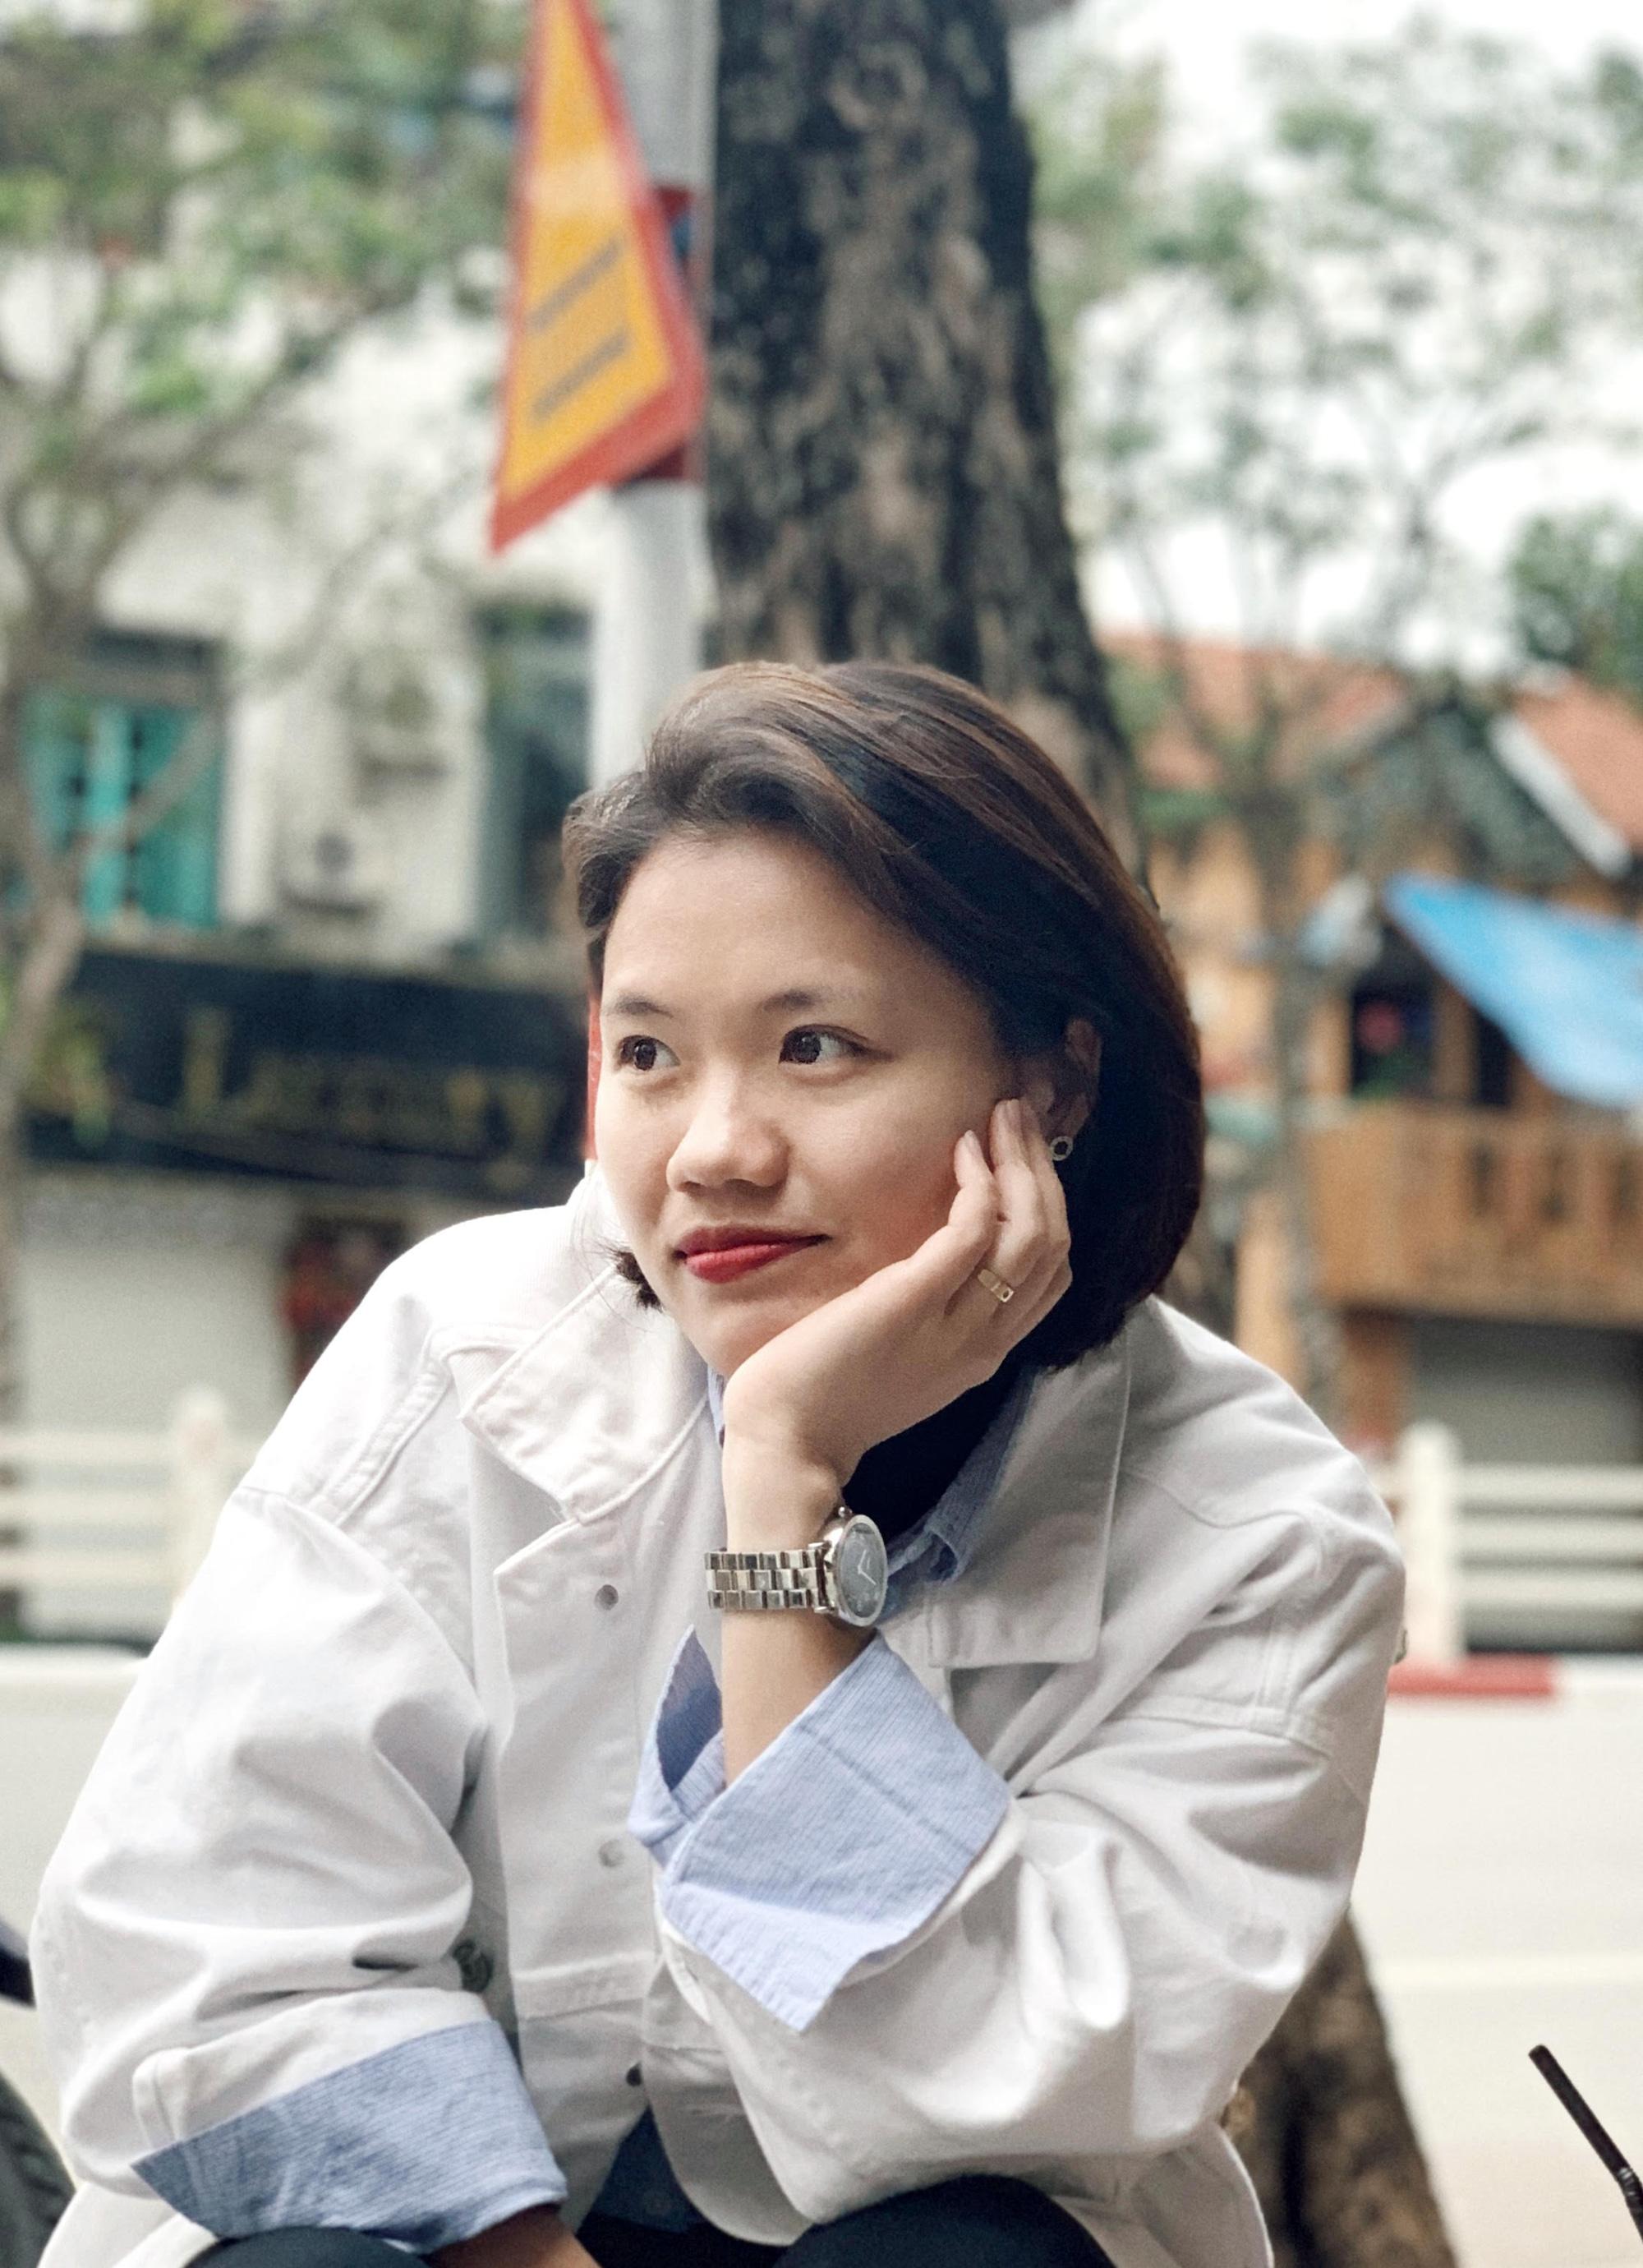 """BTV Trần Xuân: """"Đôi lúc tôi đã khóc, đã muốn dừng lại khi thực hiện """"Ngày chúng ta đang sống"""" - Ảnh 1."""